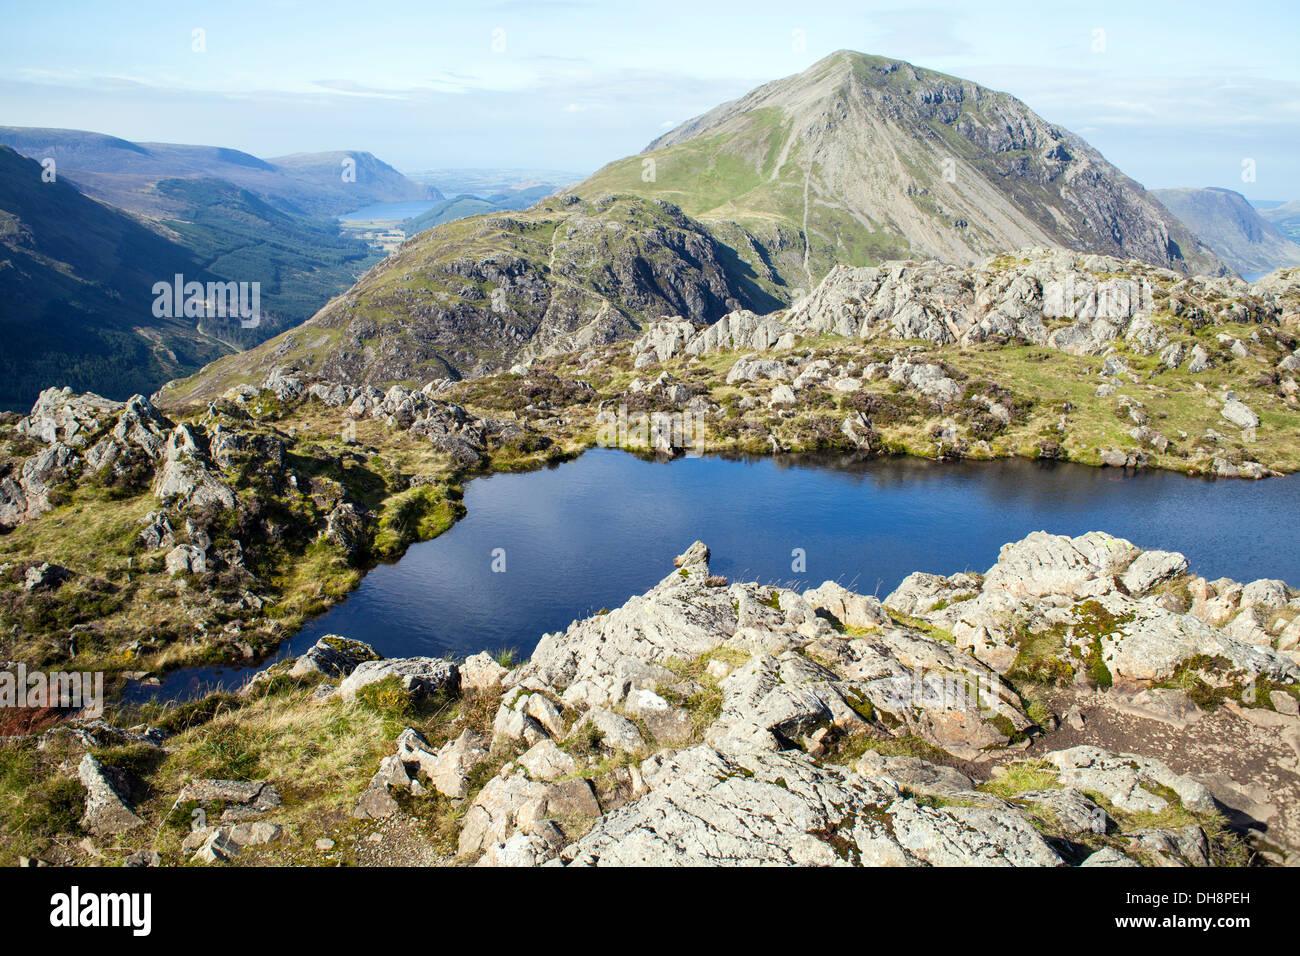 Tarn sulla sommità del pagliaio, Lake District, REGNO UNITO Immagini Stock